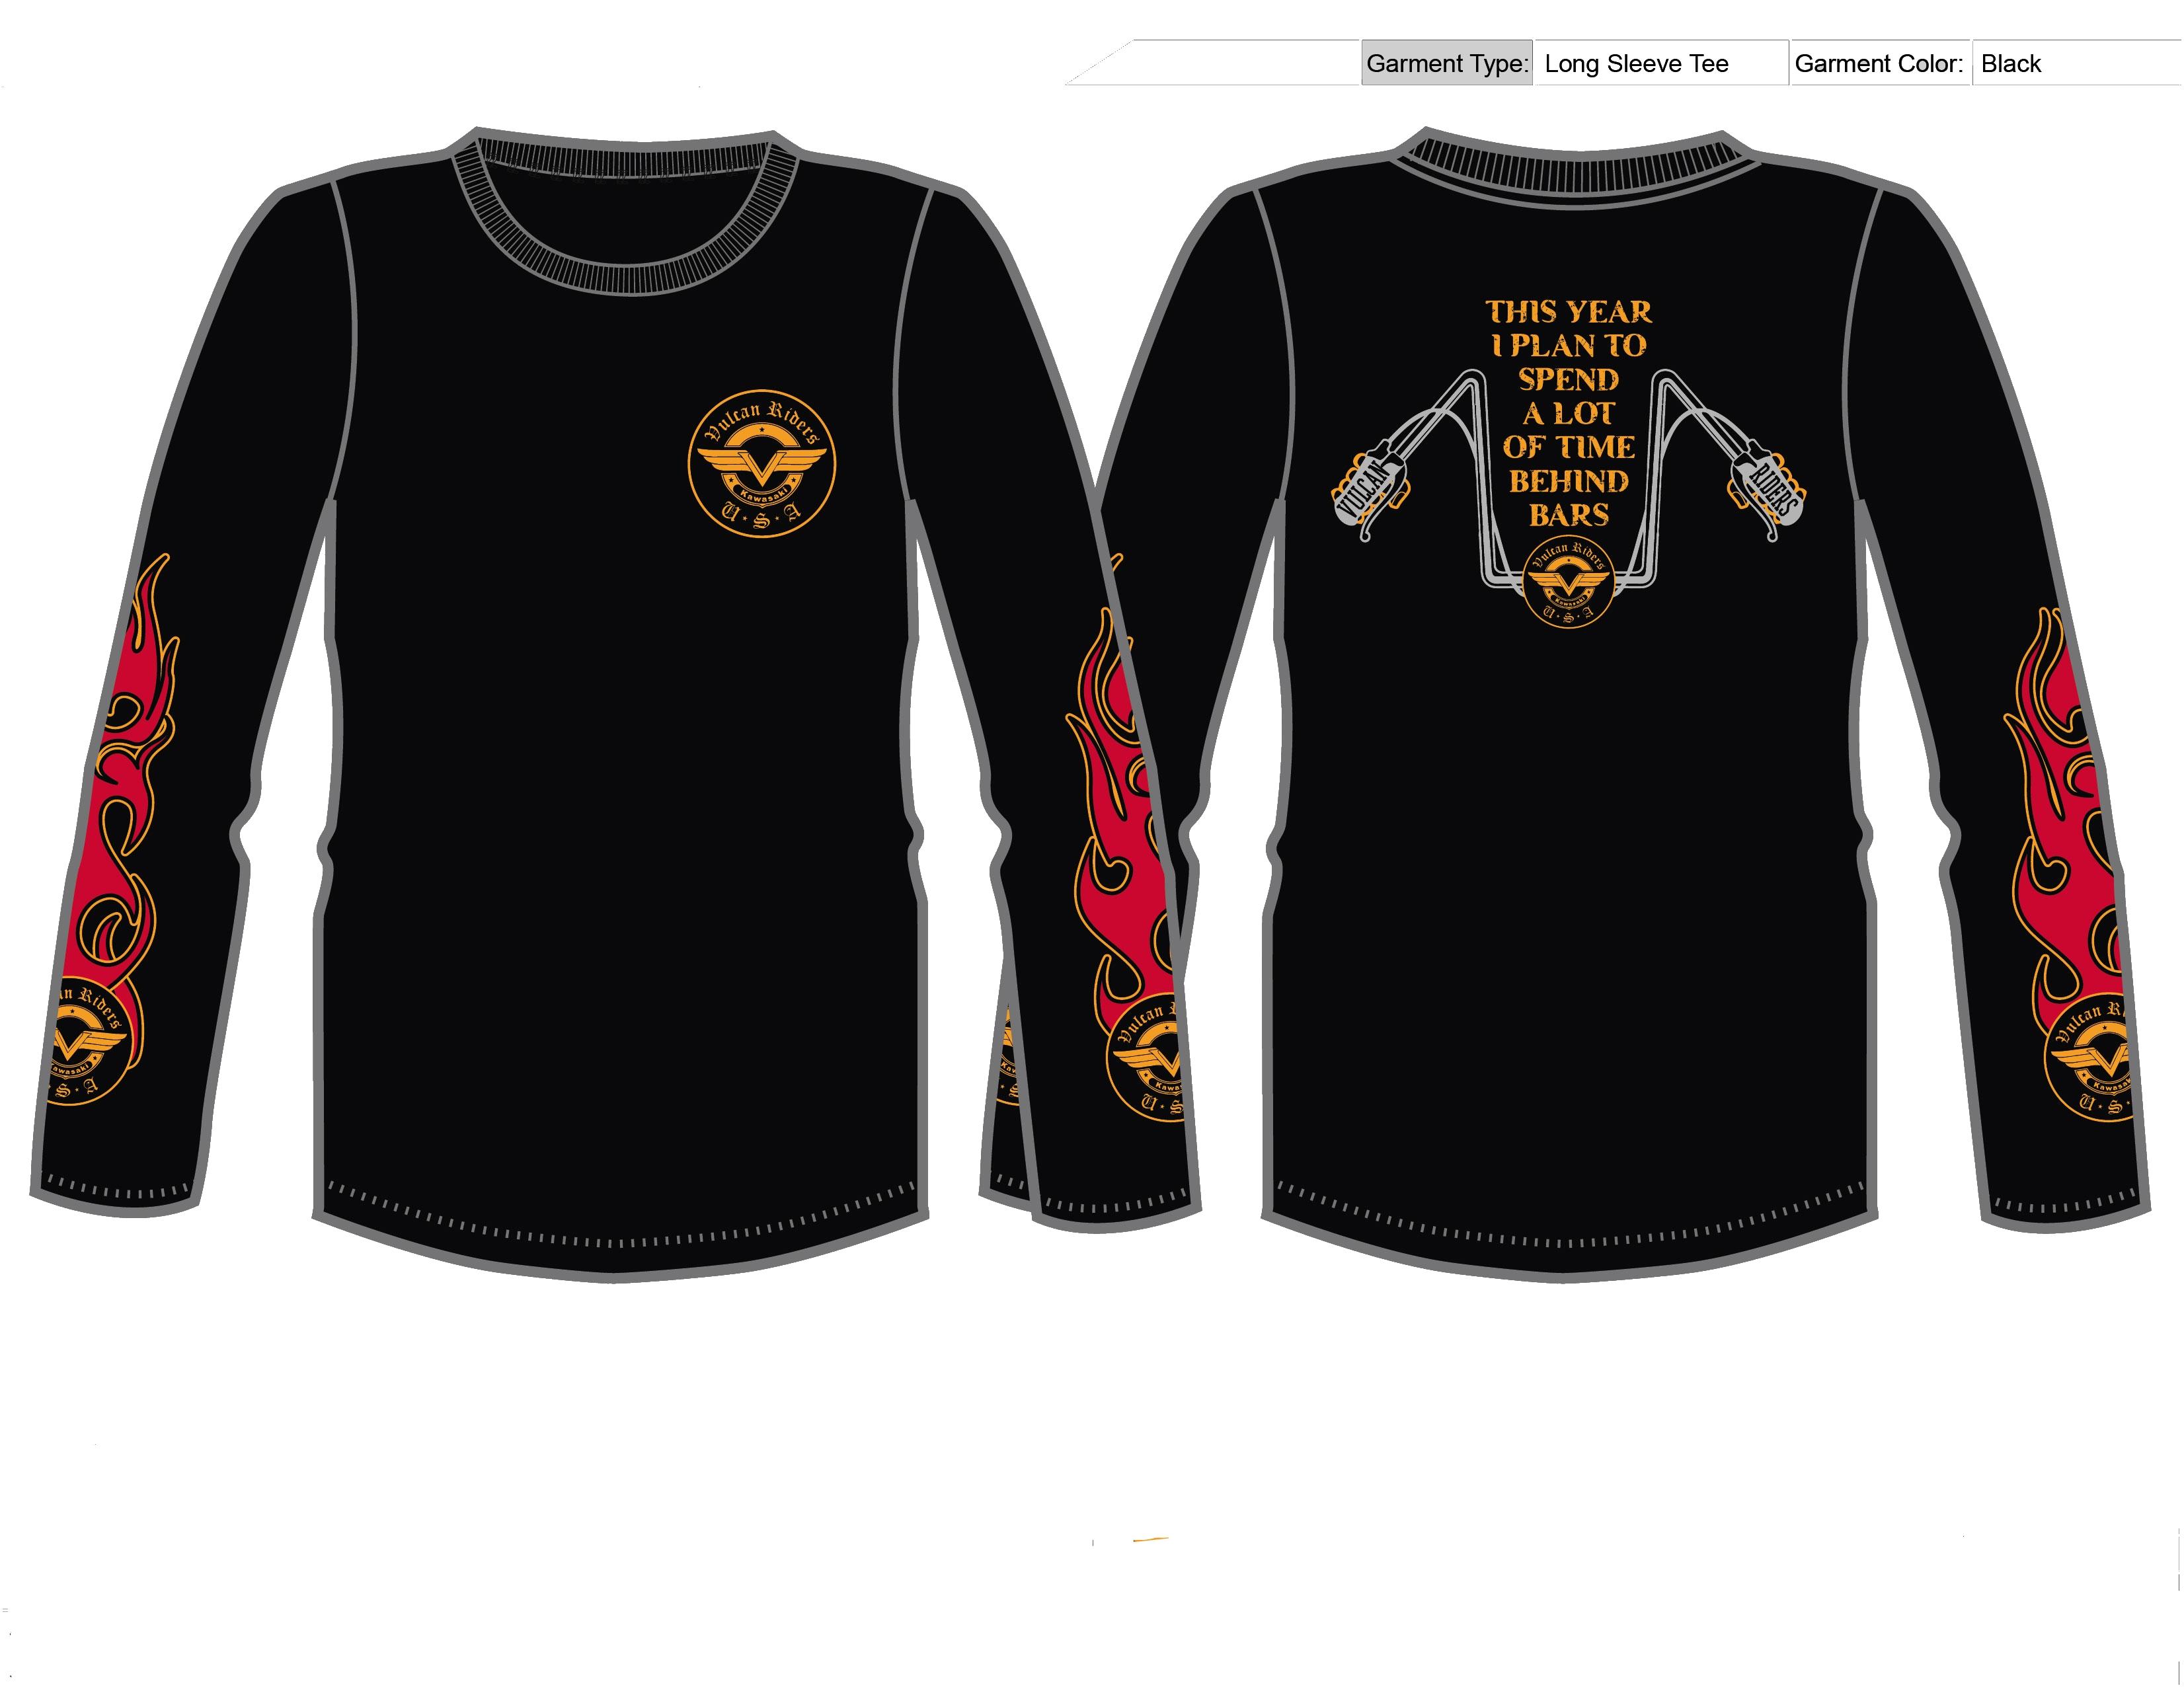 Behind Bars Logo Shirts Vulcan Riders Association Usa Good